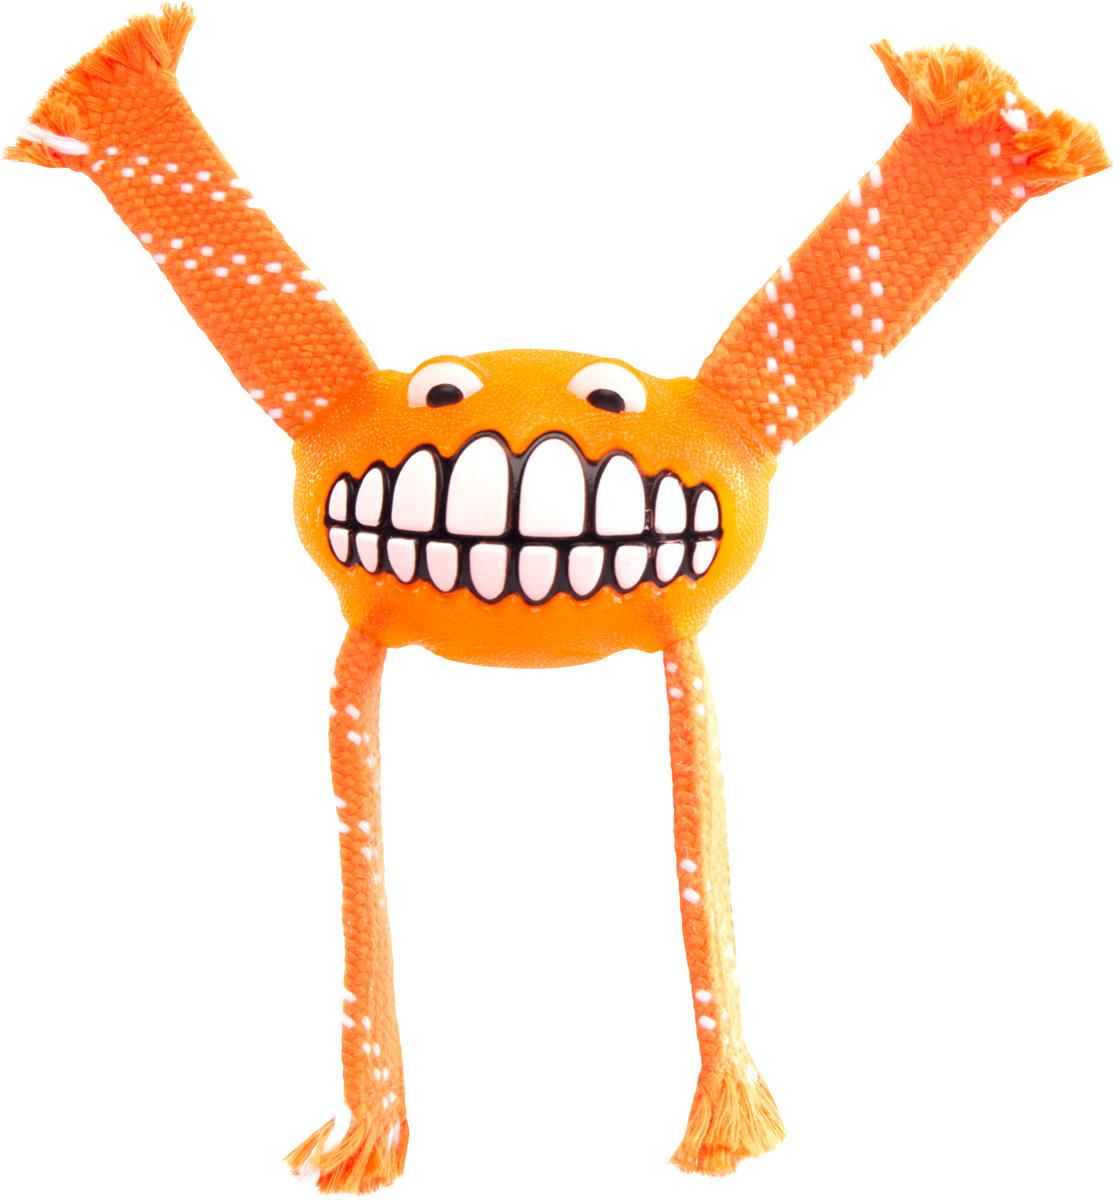 Игрушка для собак Rogz Flossy Grinz. Зубы, цвет: оранжевый, длина 16,5 см0120710Игрушка для собак Rogz Flossy Grinz. Зубы типа Отними - очень прочная и крепкая.Внутри – пищалка, что поддерживает интерес животного к игре..Уникальная функция игрушки - чистит язык и зубы.